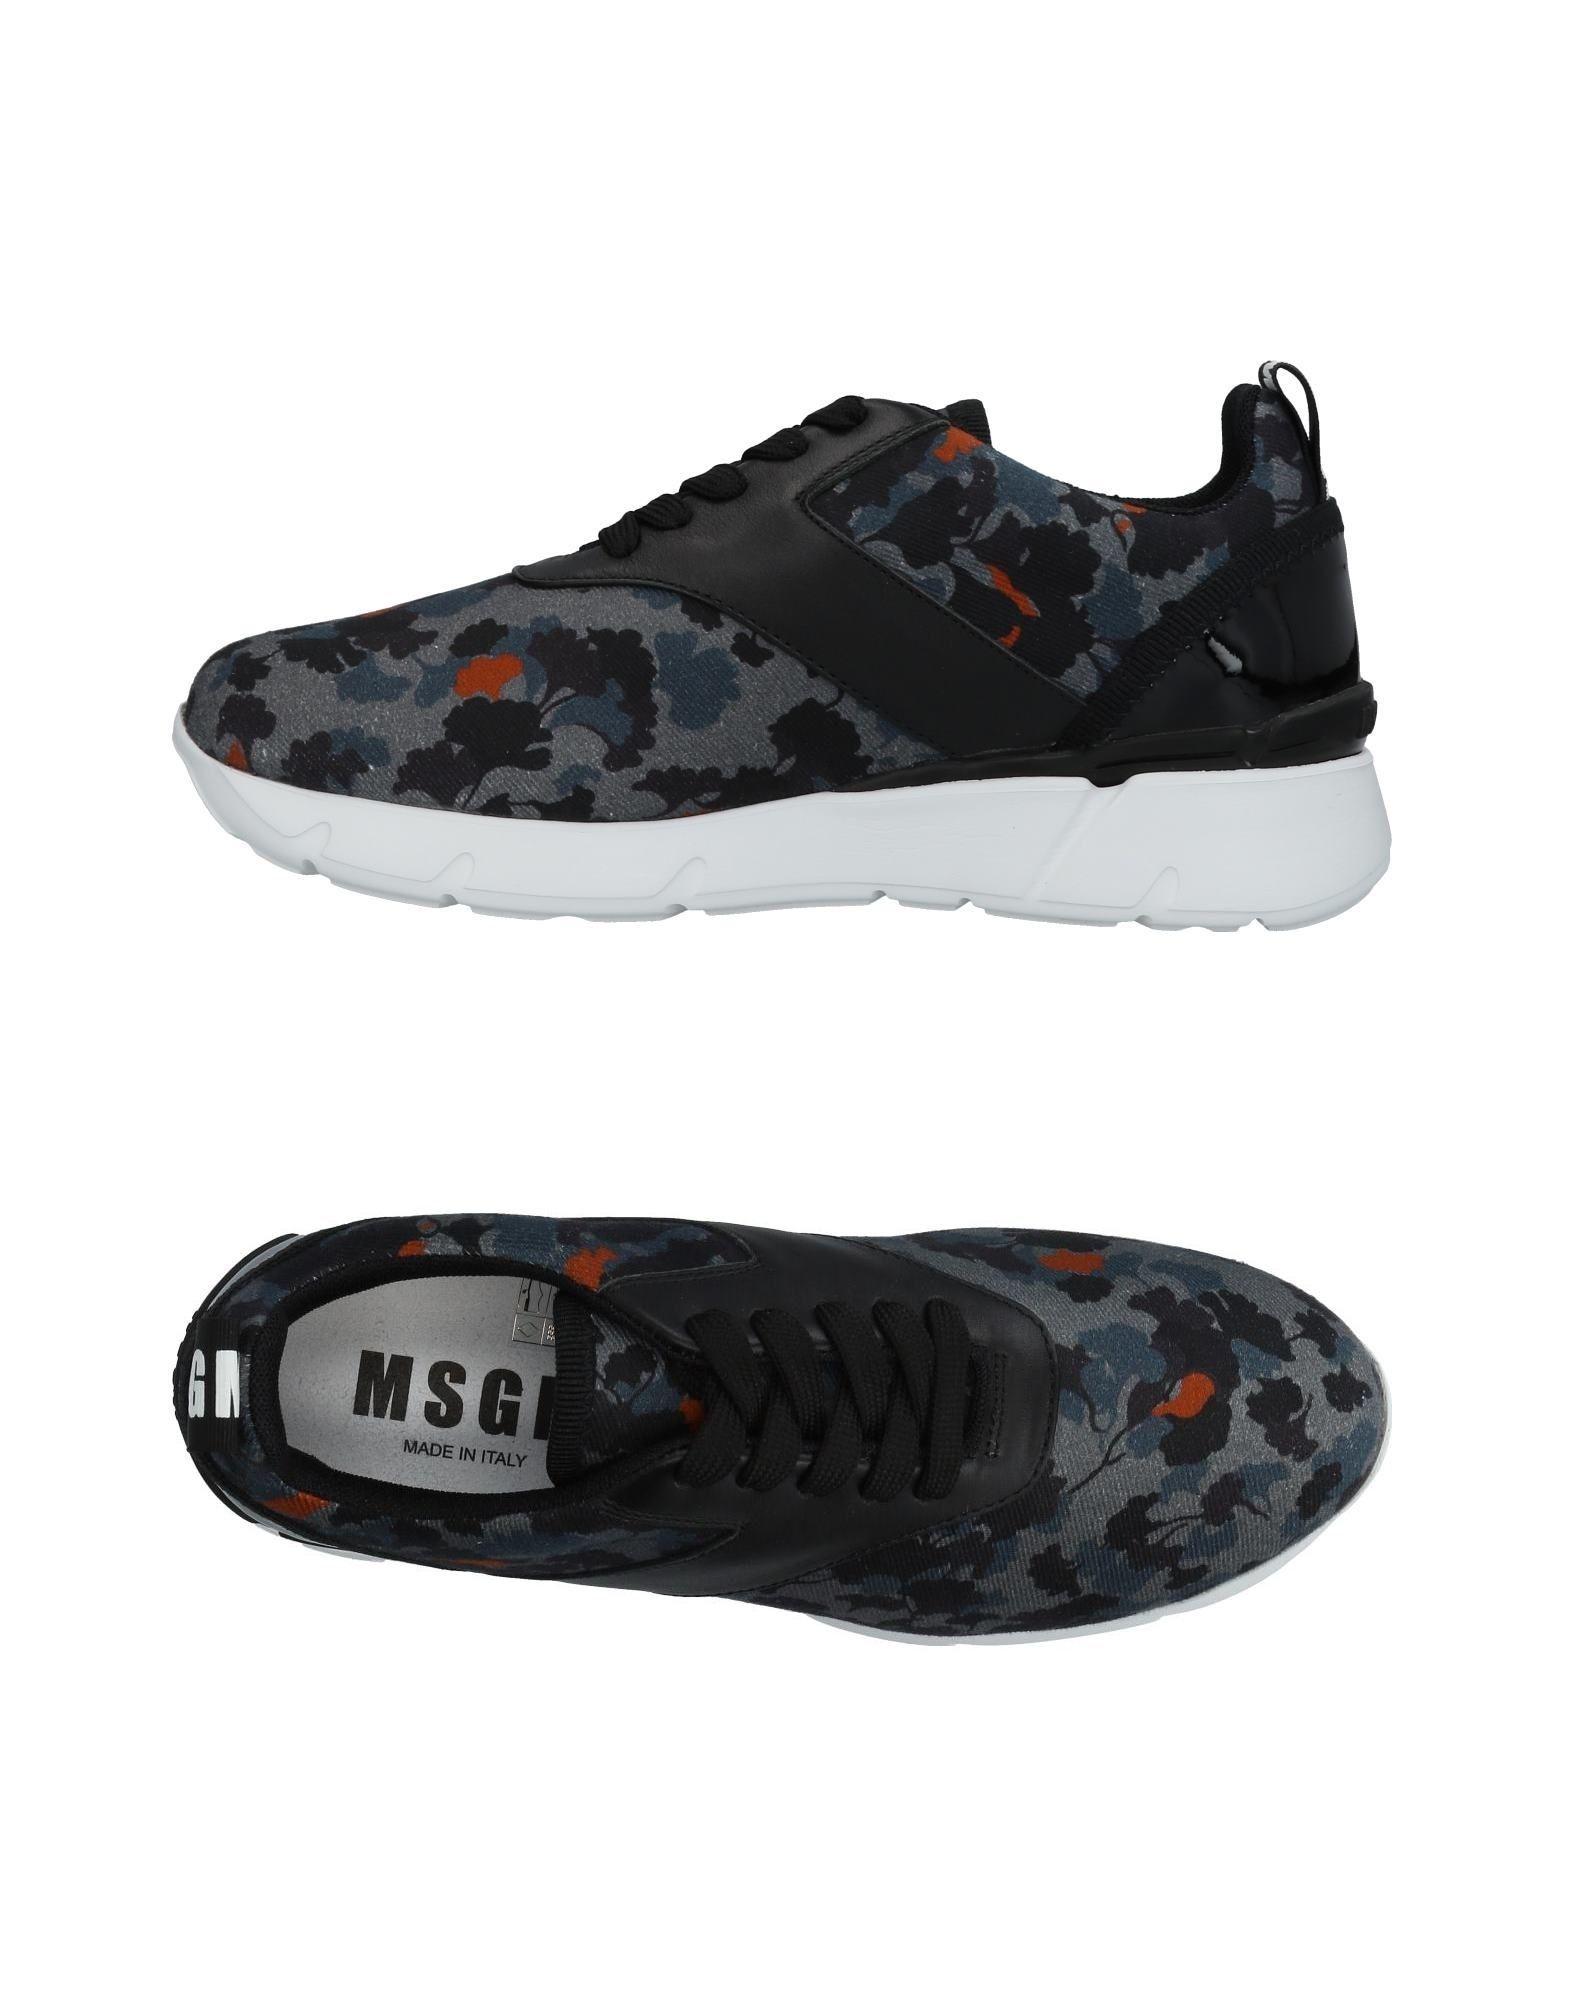 Msgm Sneakers Damen  11419047KC Gute Qualität beliebte Schuhe